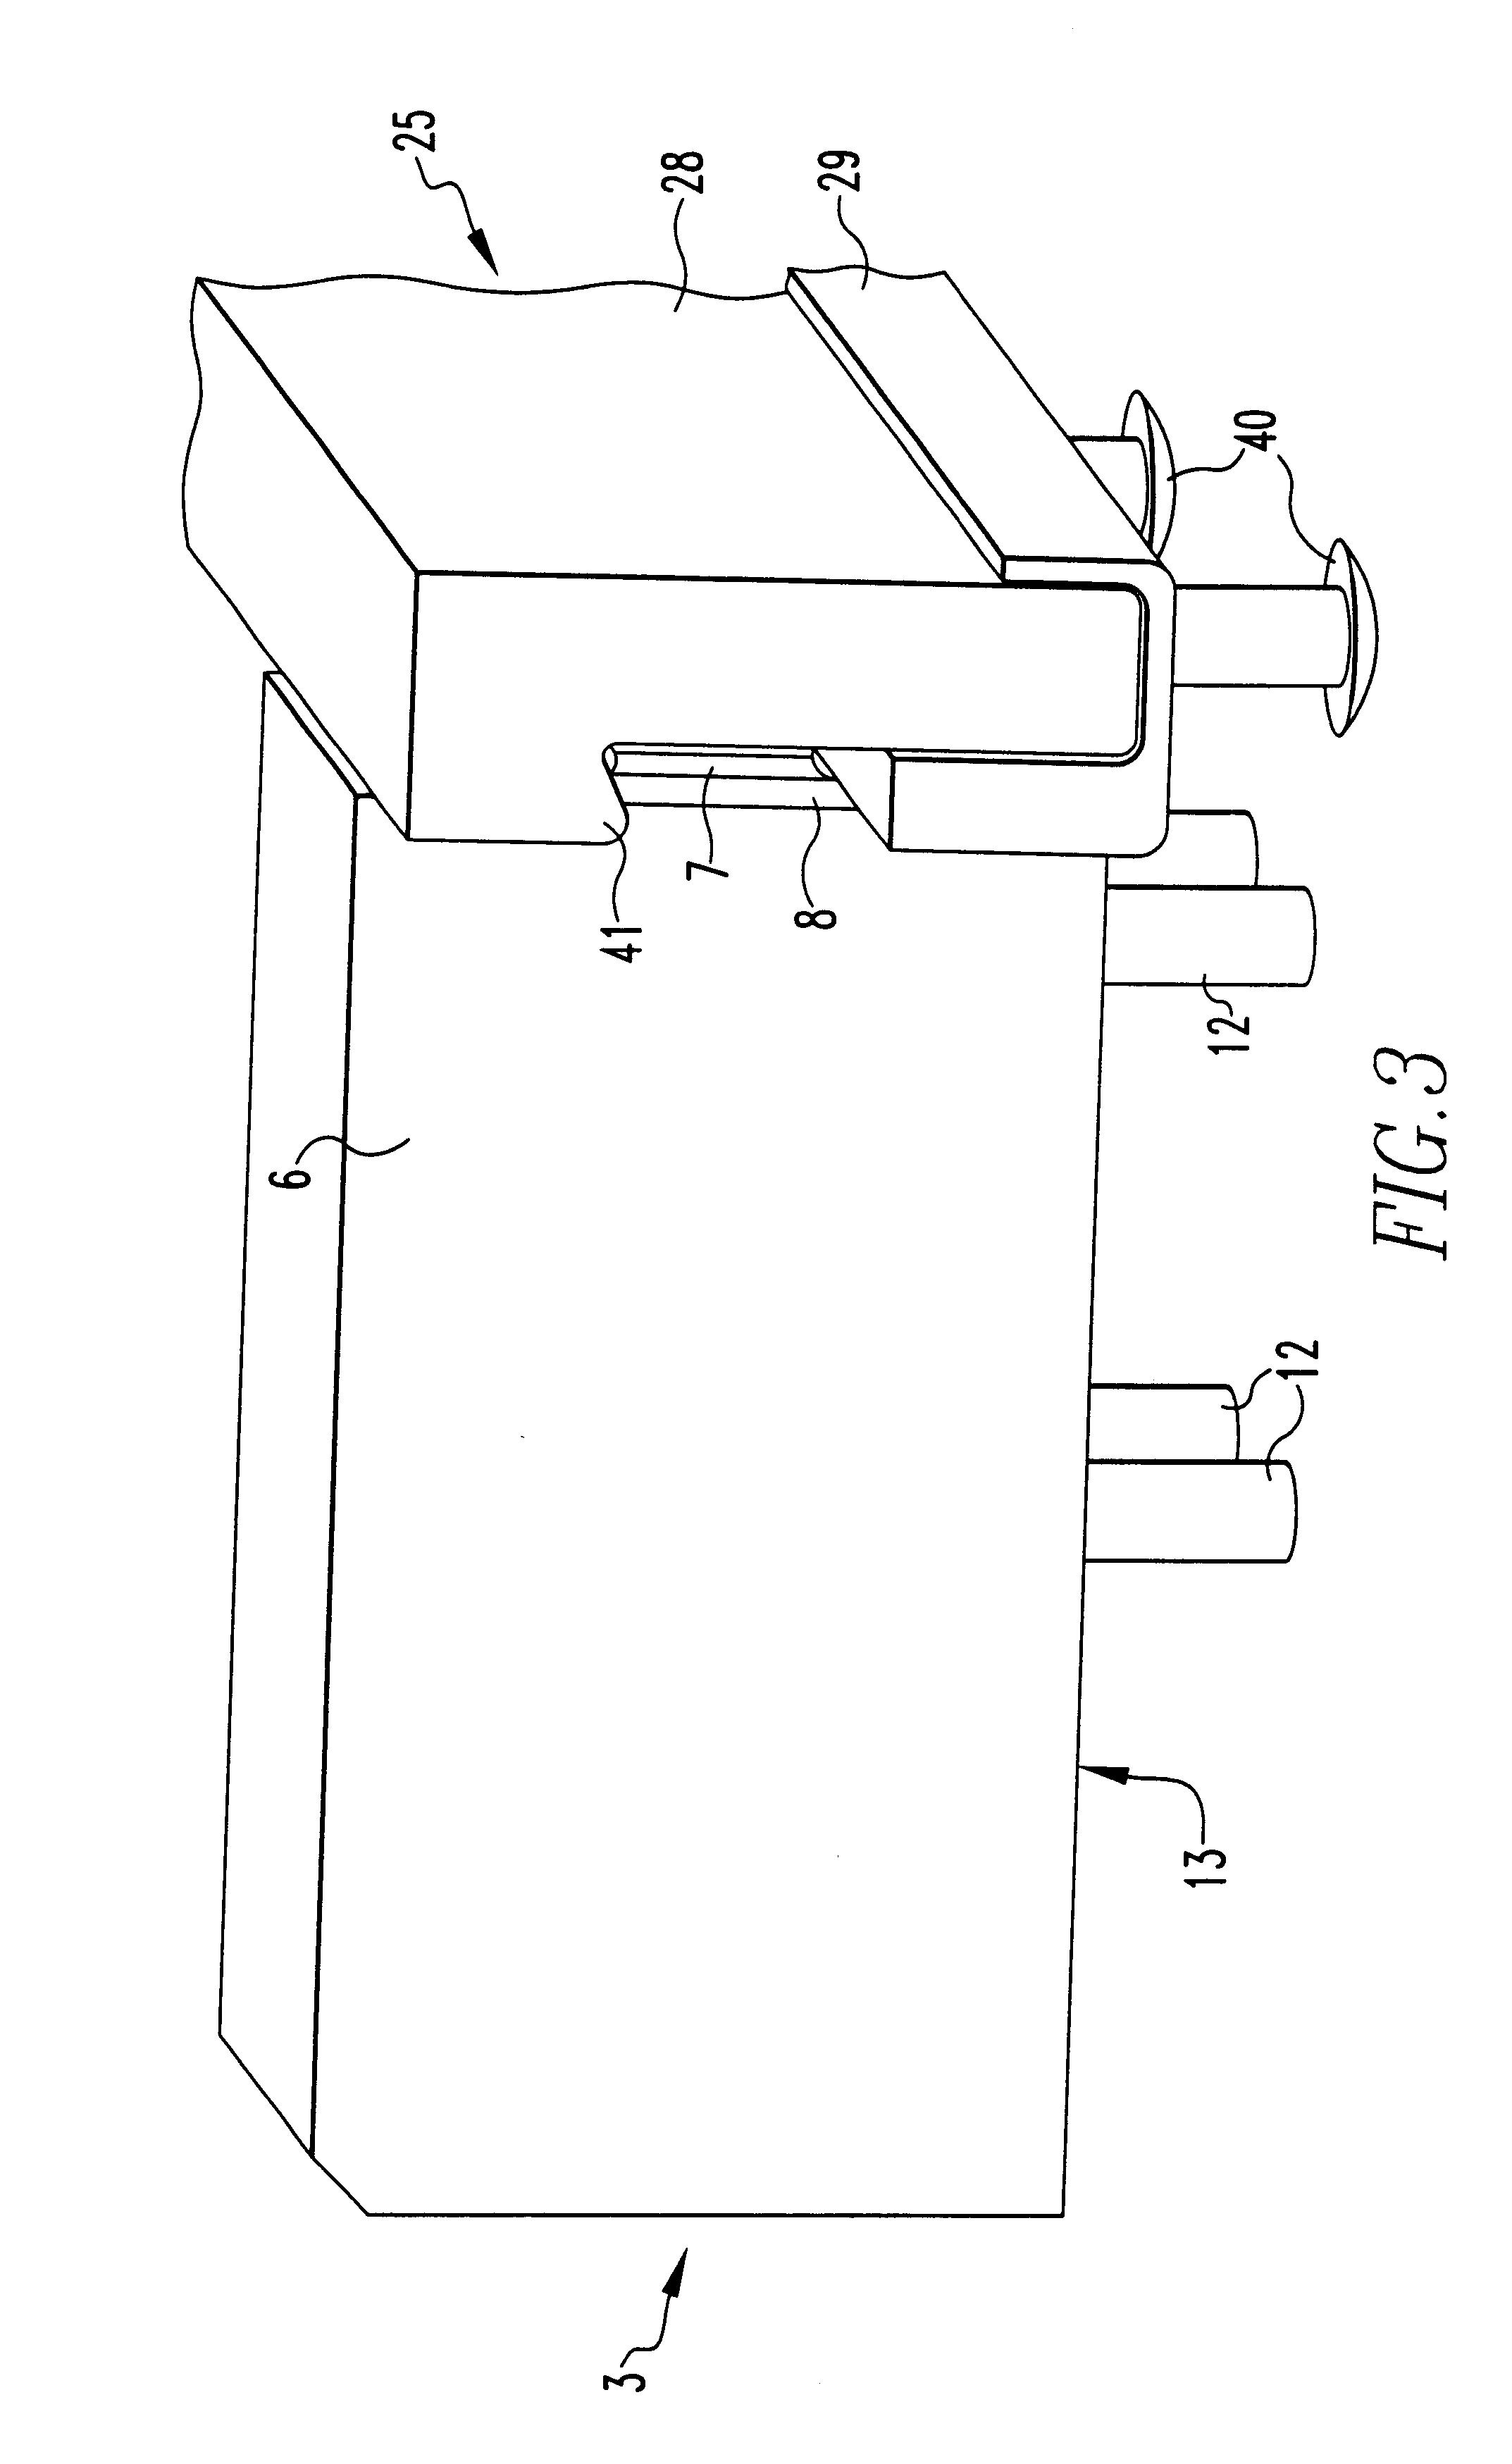 patent us6315605